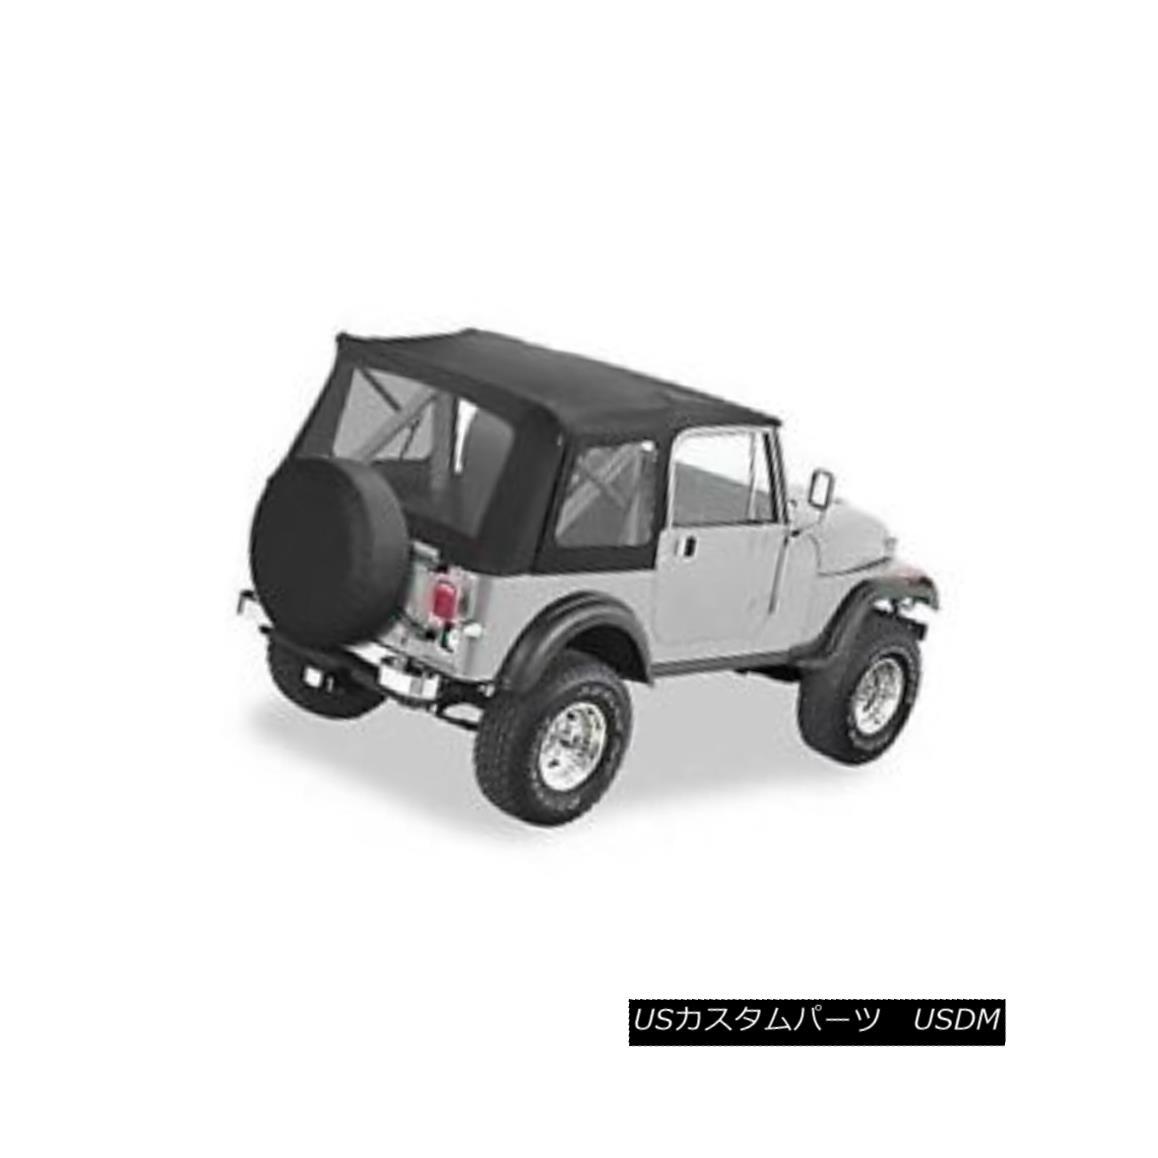 クラシック 幌 Black・ソフトトップ Bestop Soft 51599-15 Jeep Soft Top Supertop Polymer Cloth Black Denim Jeep ベストトップ51599-15ソフトトップスパートップポリマークロスブラックデニムジープ, 大江町:0a8b97b9 --- ecommercesite.xyz